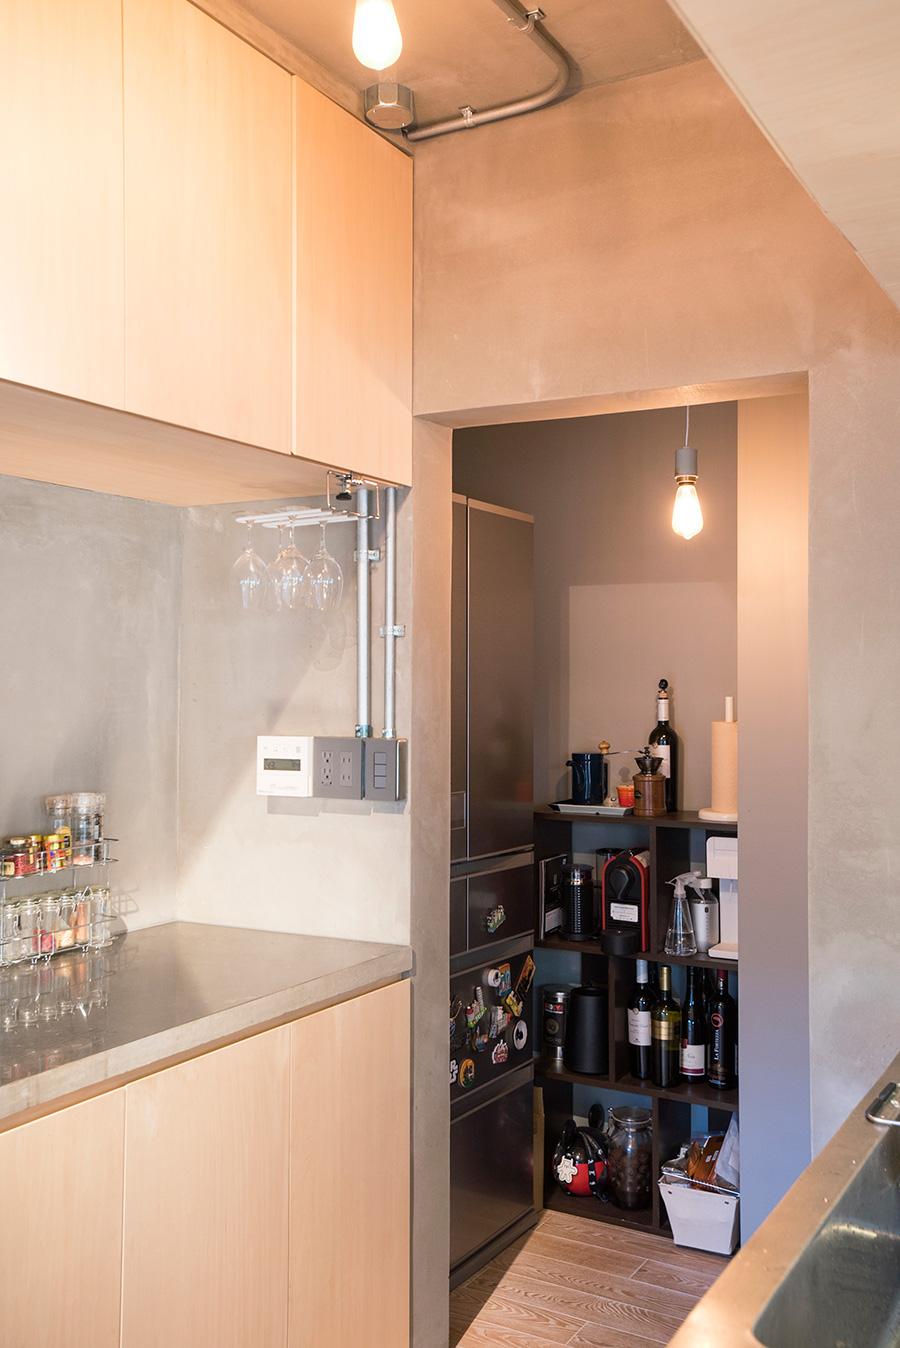 作業性を考えてキッチンの幅は広く。奥には冷蔵庫を隠すためパントリーを設けた。